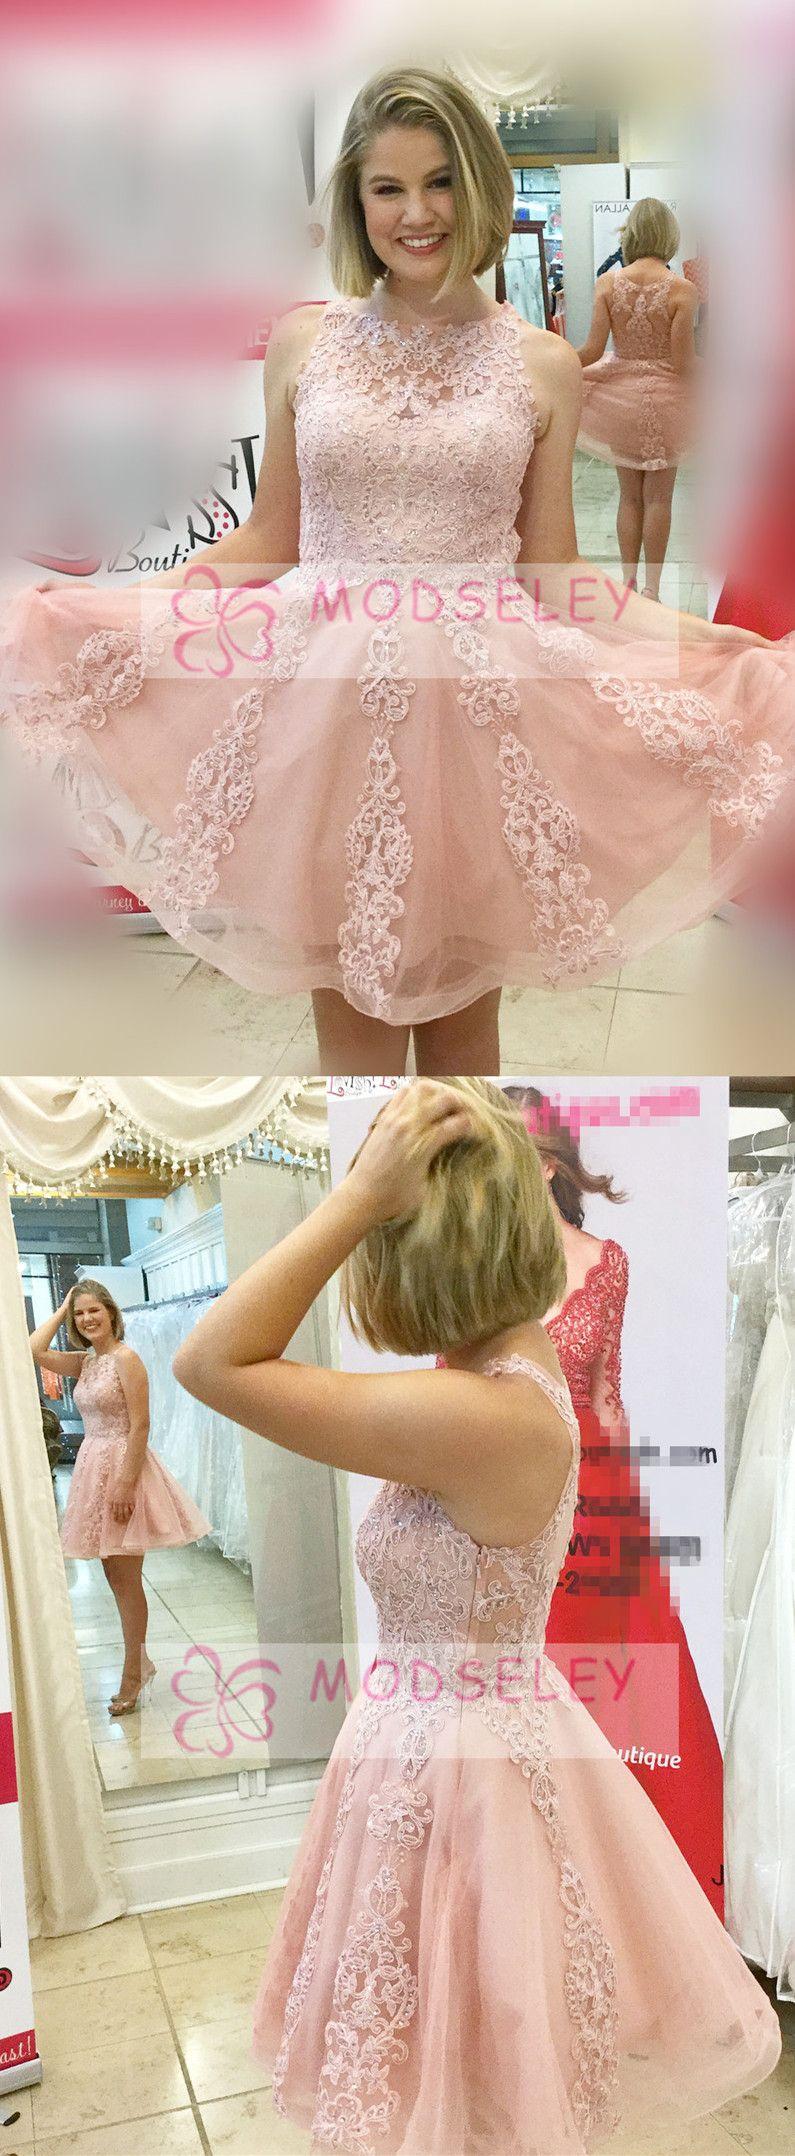 Princess short pink lace homecoming dresses short homecoming